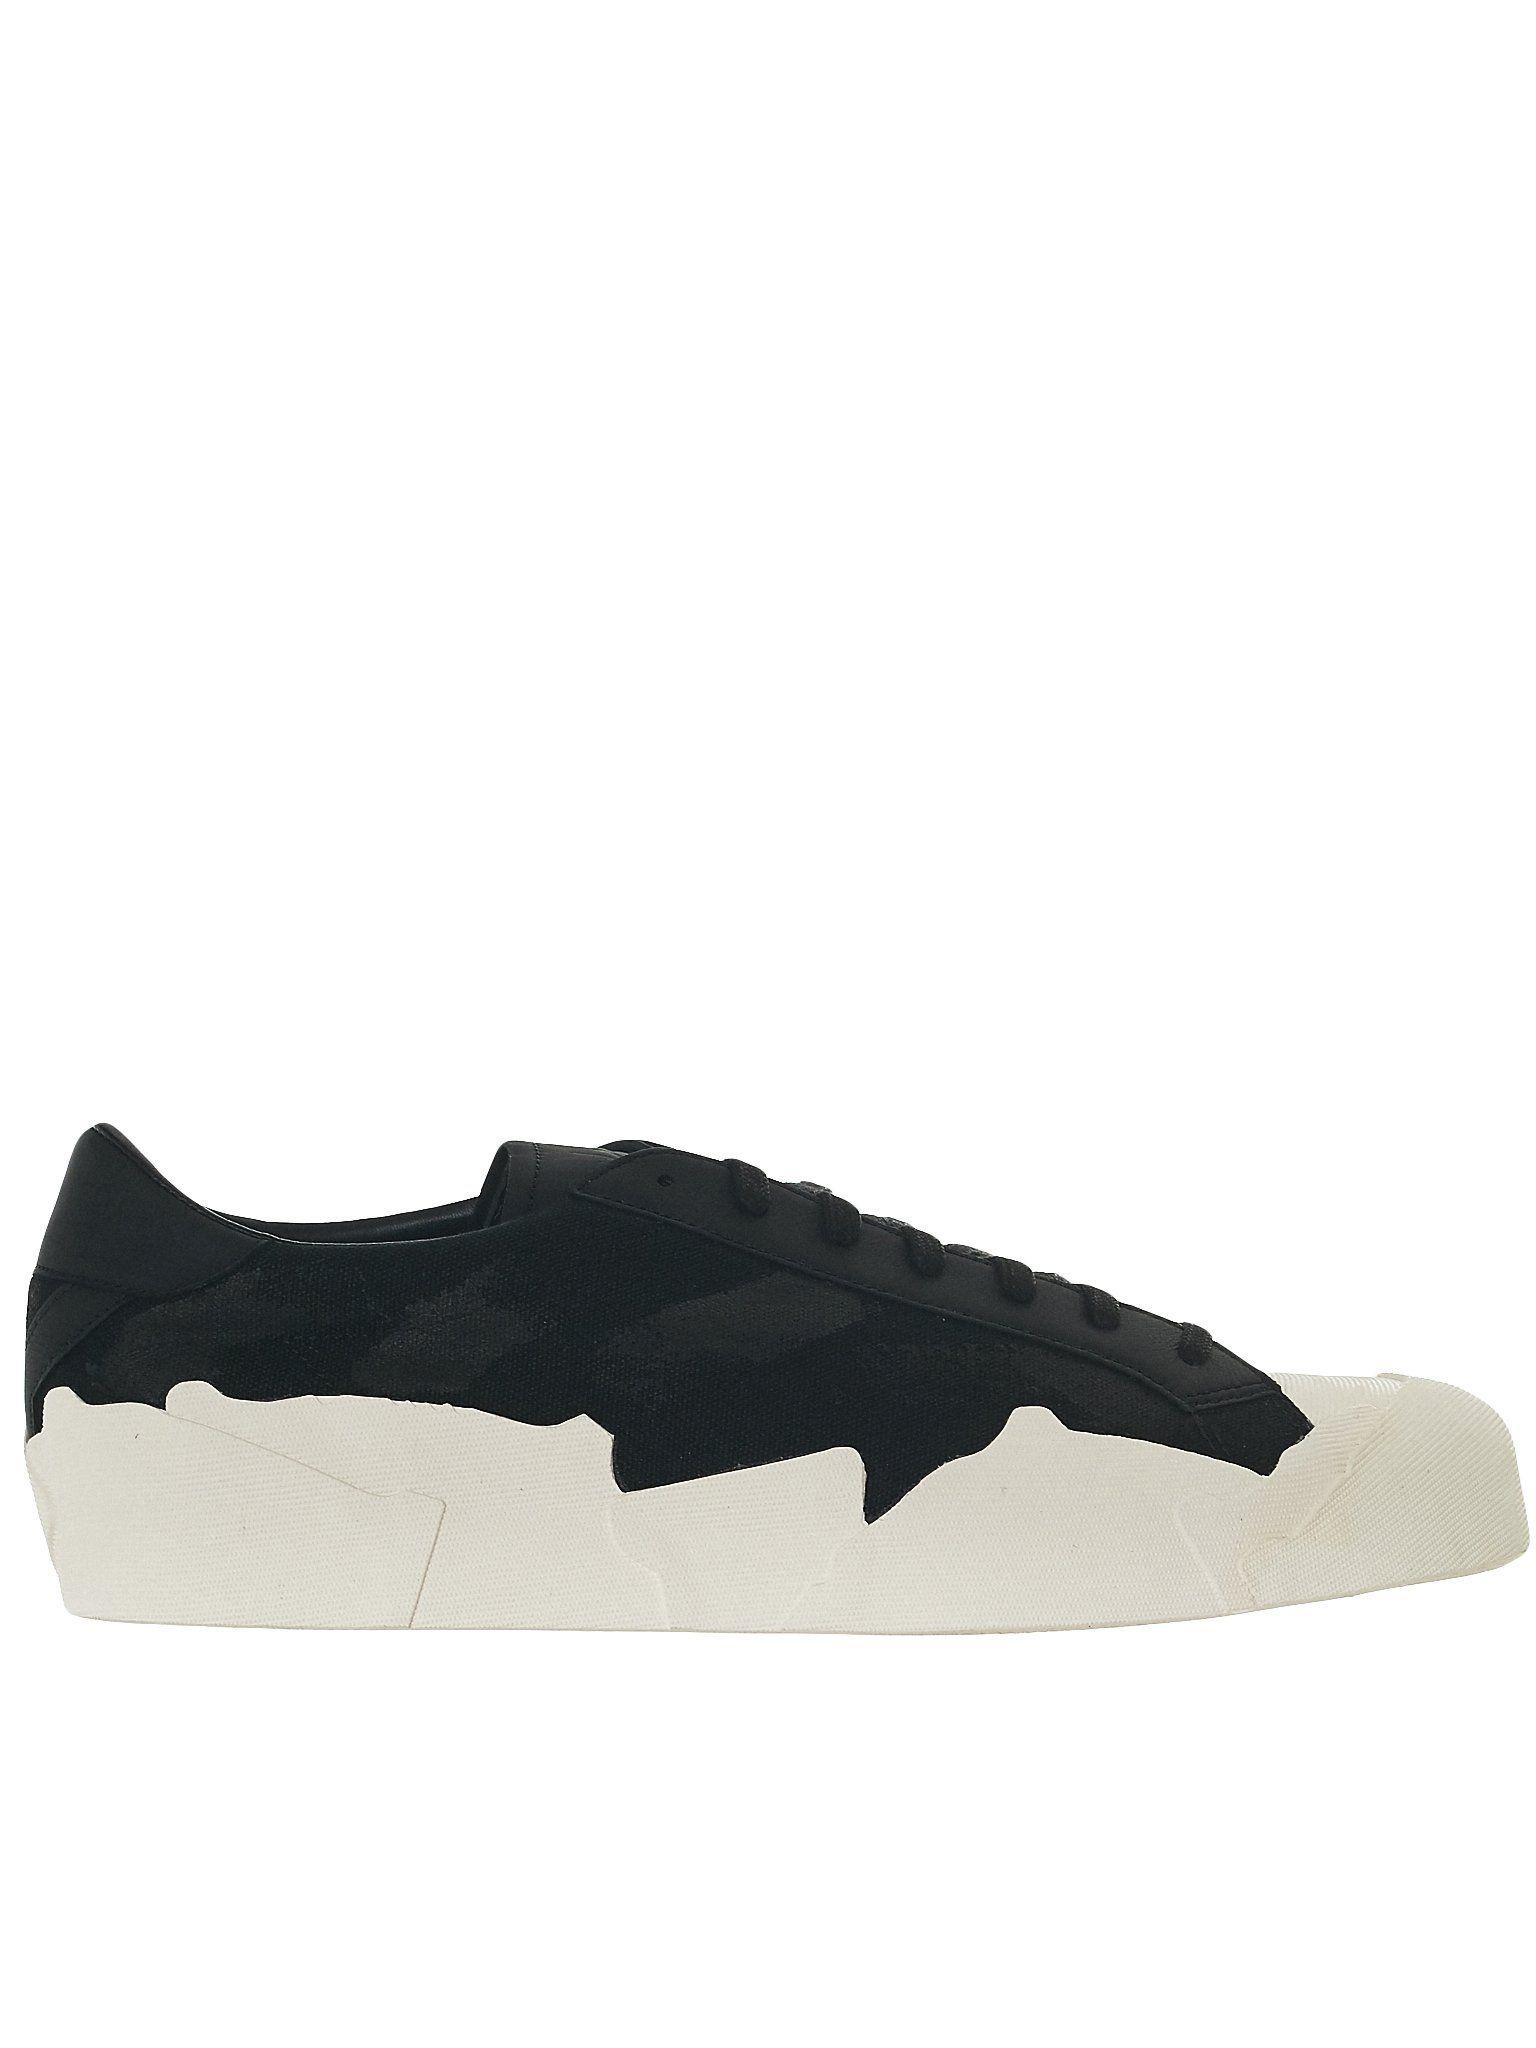 wholesale dealer 4c159 ae2ae Yohji Yamamoto Takusan Sneakers Sneakers Mode, Skor Sneakers, Skor  Sandaler, Modeskor, Yohji